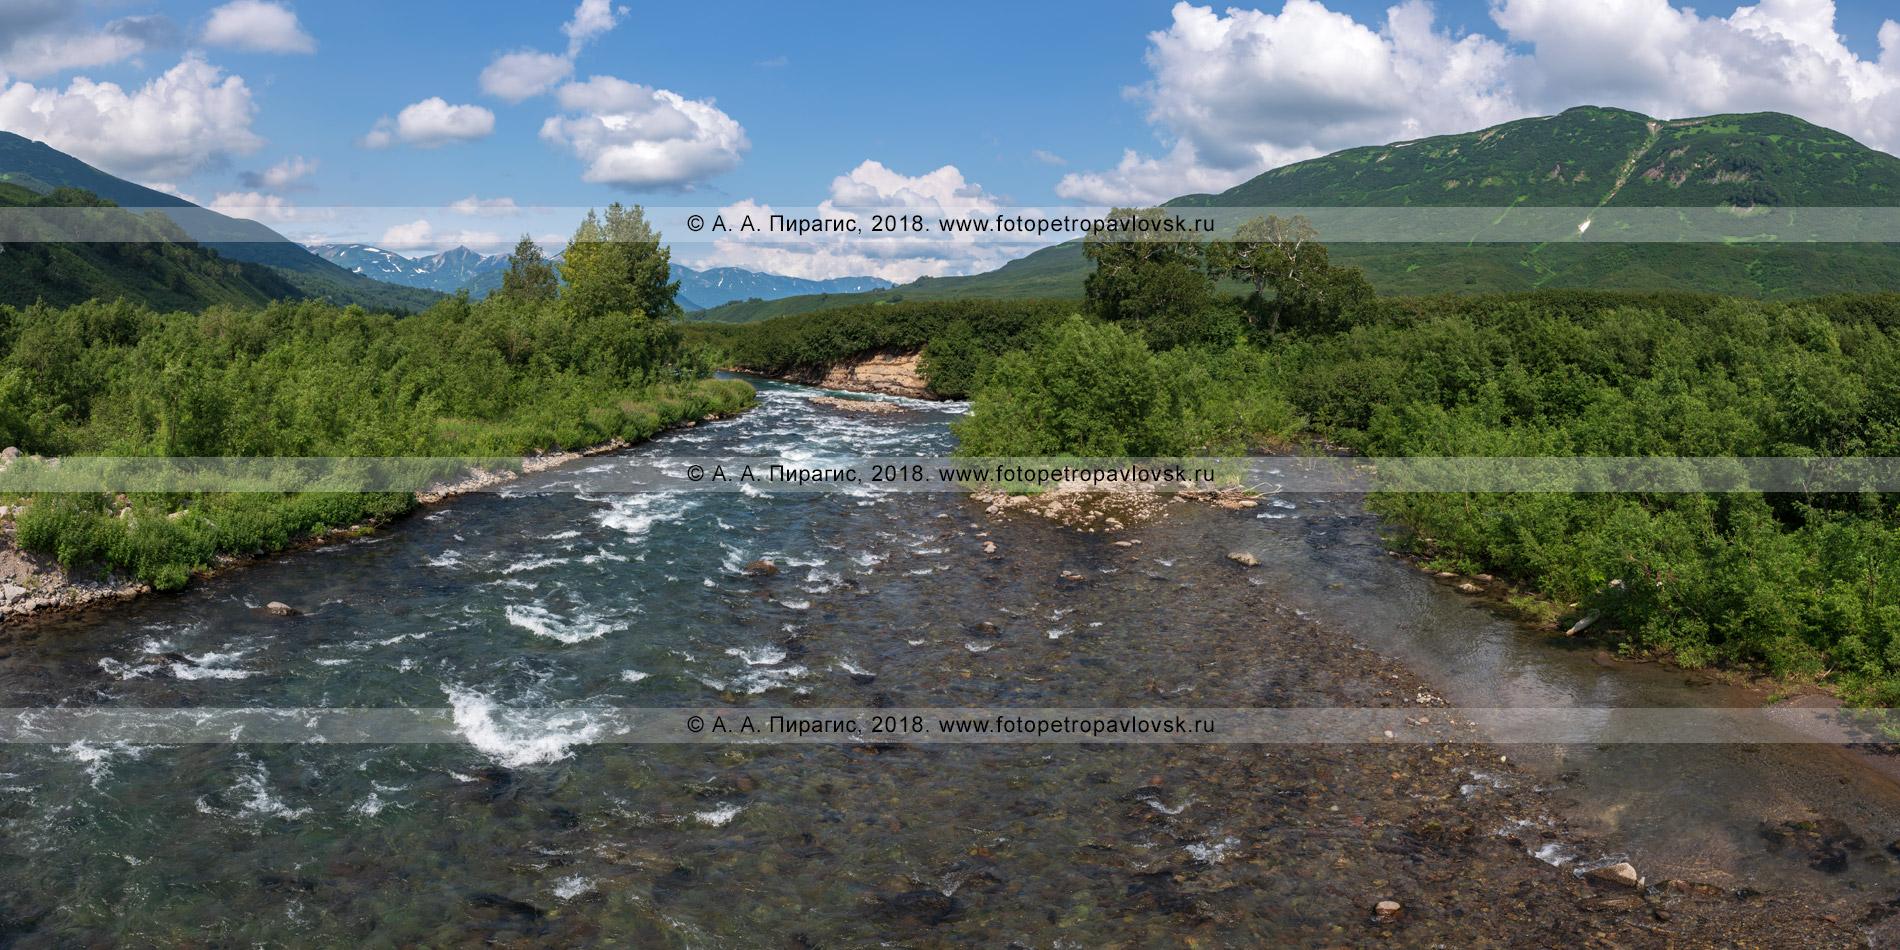 Панорамная фотография: живописный летний панорамный вид на горную реку Паратунку в Камчатском крае